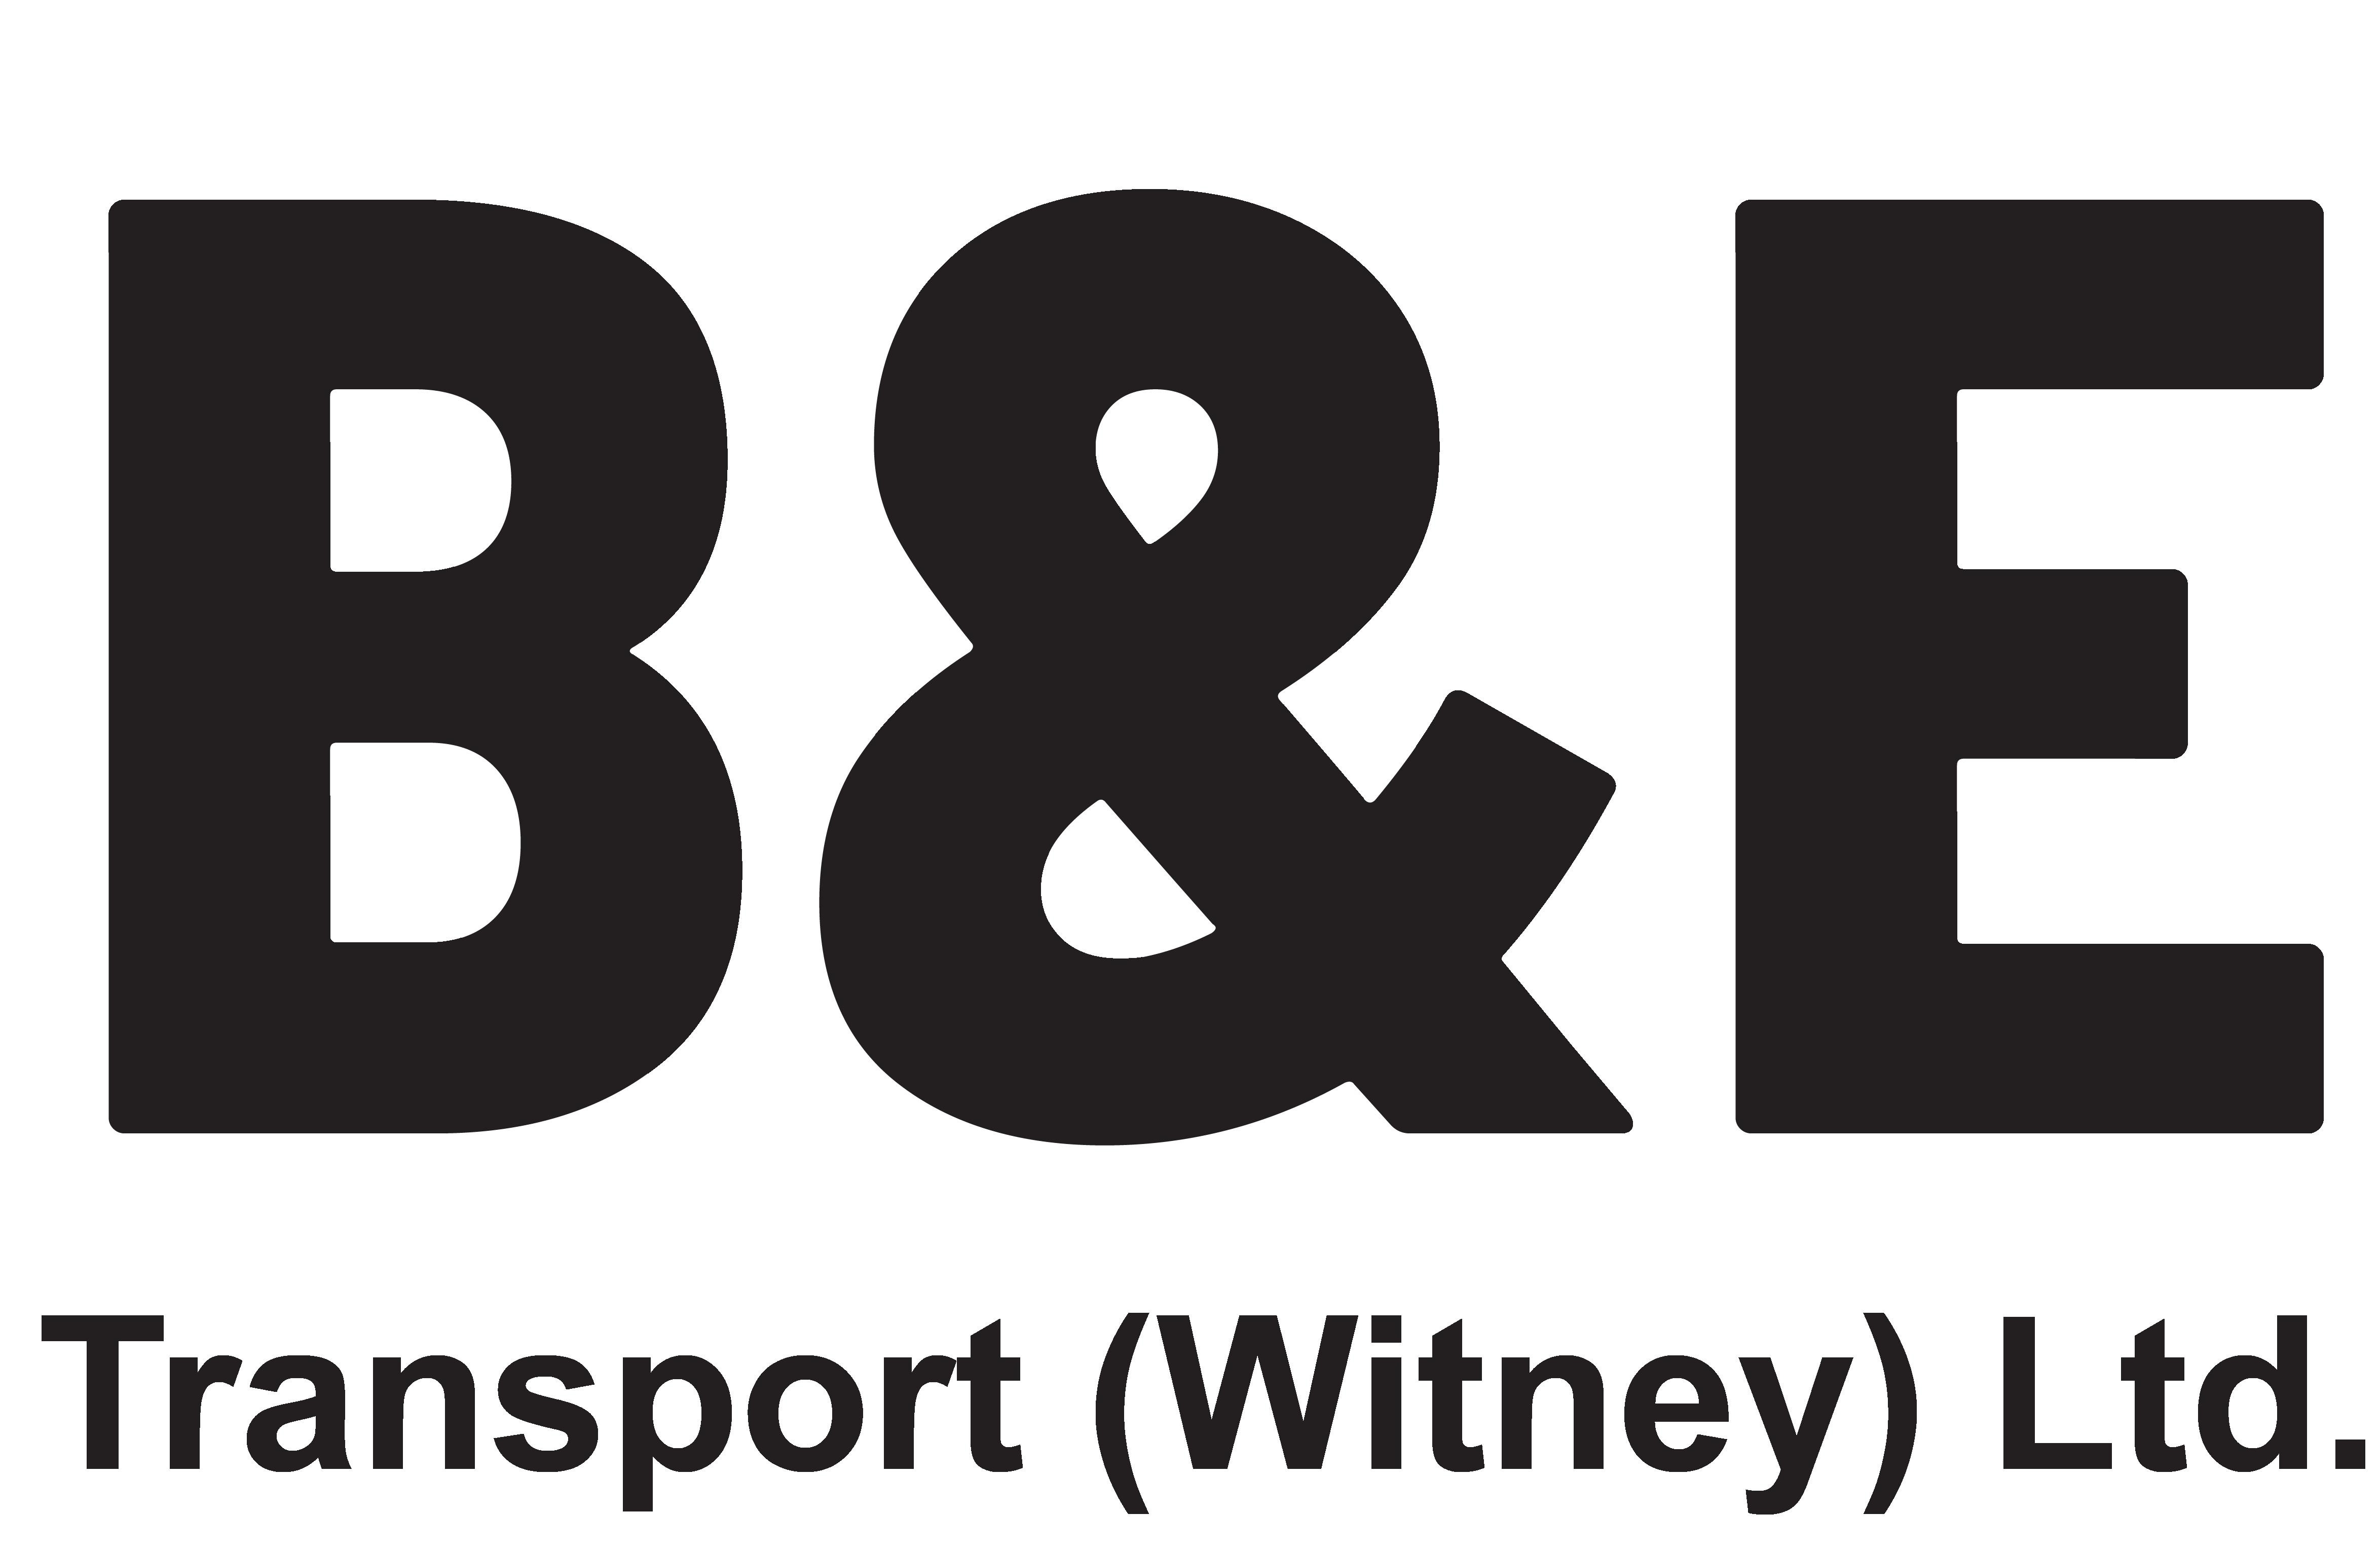 B & E Transport